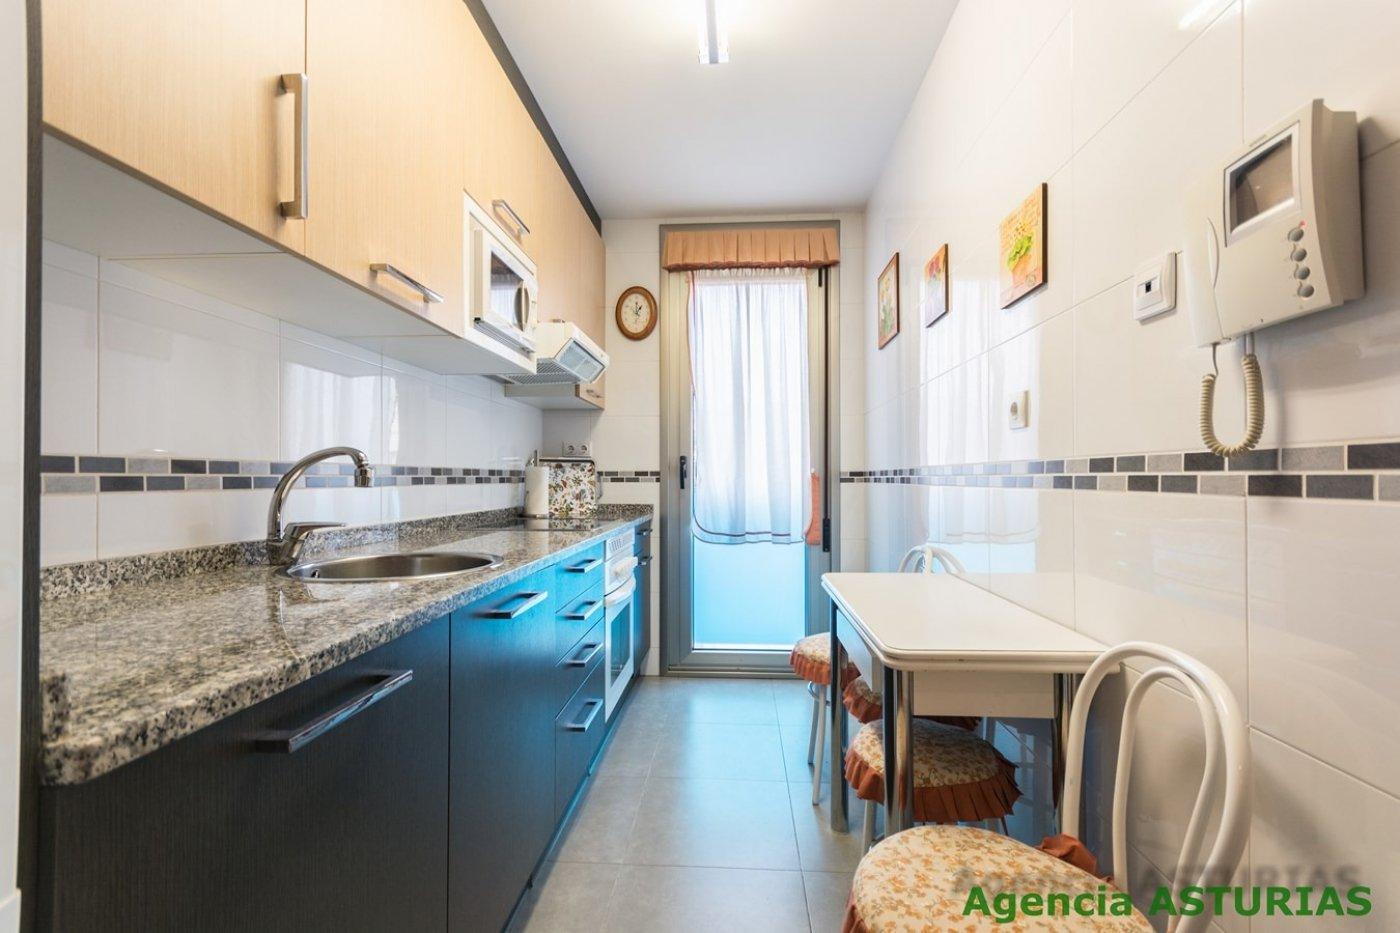 Excelente piso para inversión o segunda residencia - imagenInmueble0